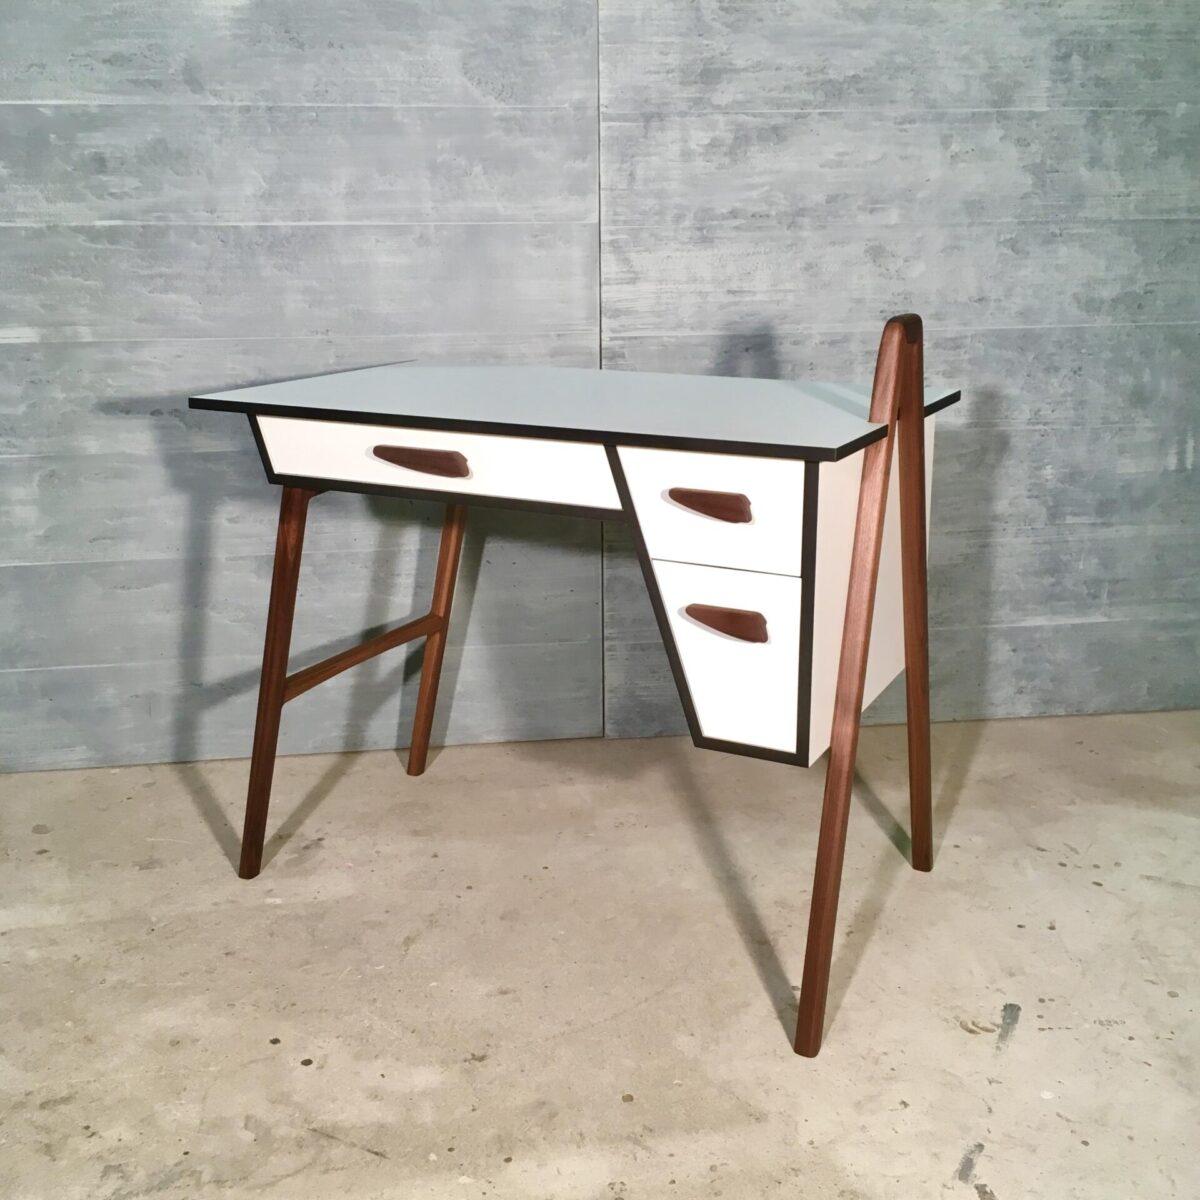 Schreibtisch mit Schubladen 96cm mal 60cm. Weisse Cdf Platte mit schwarzem Kern, kombiniert mit Nussbaum Vollholz. Dieser Tisch ist eine Einzelanfertigung von uns, von Grund auf geplant, das Design ausgearbeitet und ausgeführt. Die Cdf Platte ist eine robuste kratzfeste Oberfläche. Die drei Schubladen, mit den grösstenteils von Hand geschnitzten griffen, bieten Platz für die nötigen Schreibtisch Utensilien. Die Tischbeine rechts sind oberhalb der Tisch Oberfläche verbunden. Dort lässt sich ein Buch anlehnen oder ein klemm Spot montieren. Der Tisch kann im auch frei im Raum gestellt sein da die Rückseite sauber verarbeitet ist. Zusätzlich bietet sich ein kleines Fach um ein Dekorations Gegenstand auszustellen.